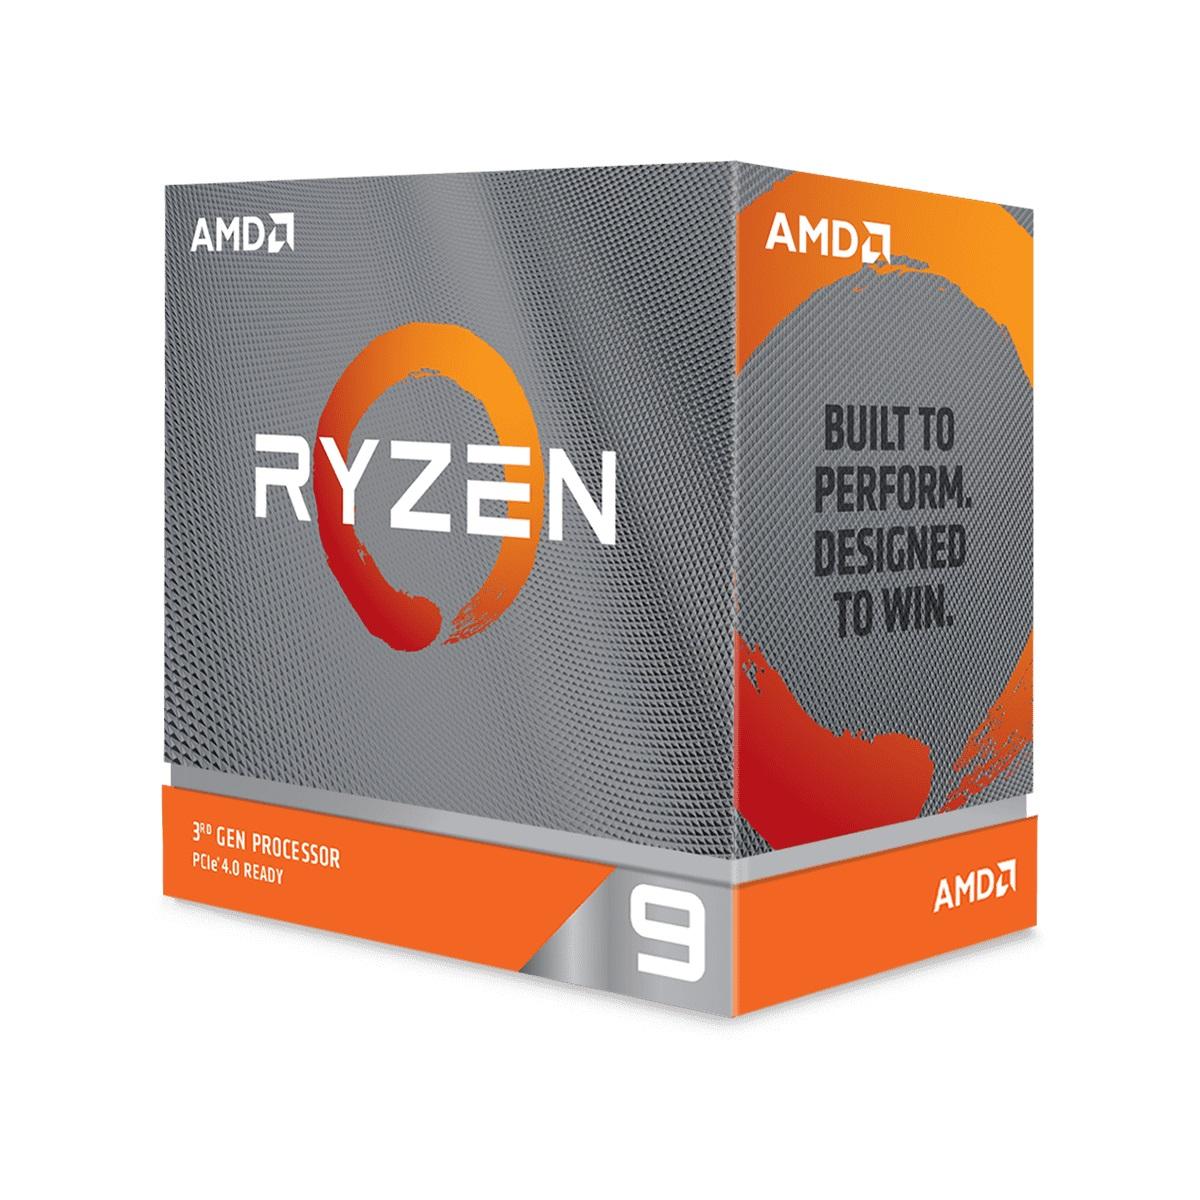 日本正規品 AMD Ryzen 3900XT 9 卓出 without cooler 3.8GHz 70MB 12コア 105W 国内正規代理店品 100-100000277WOF 24スレッド